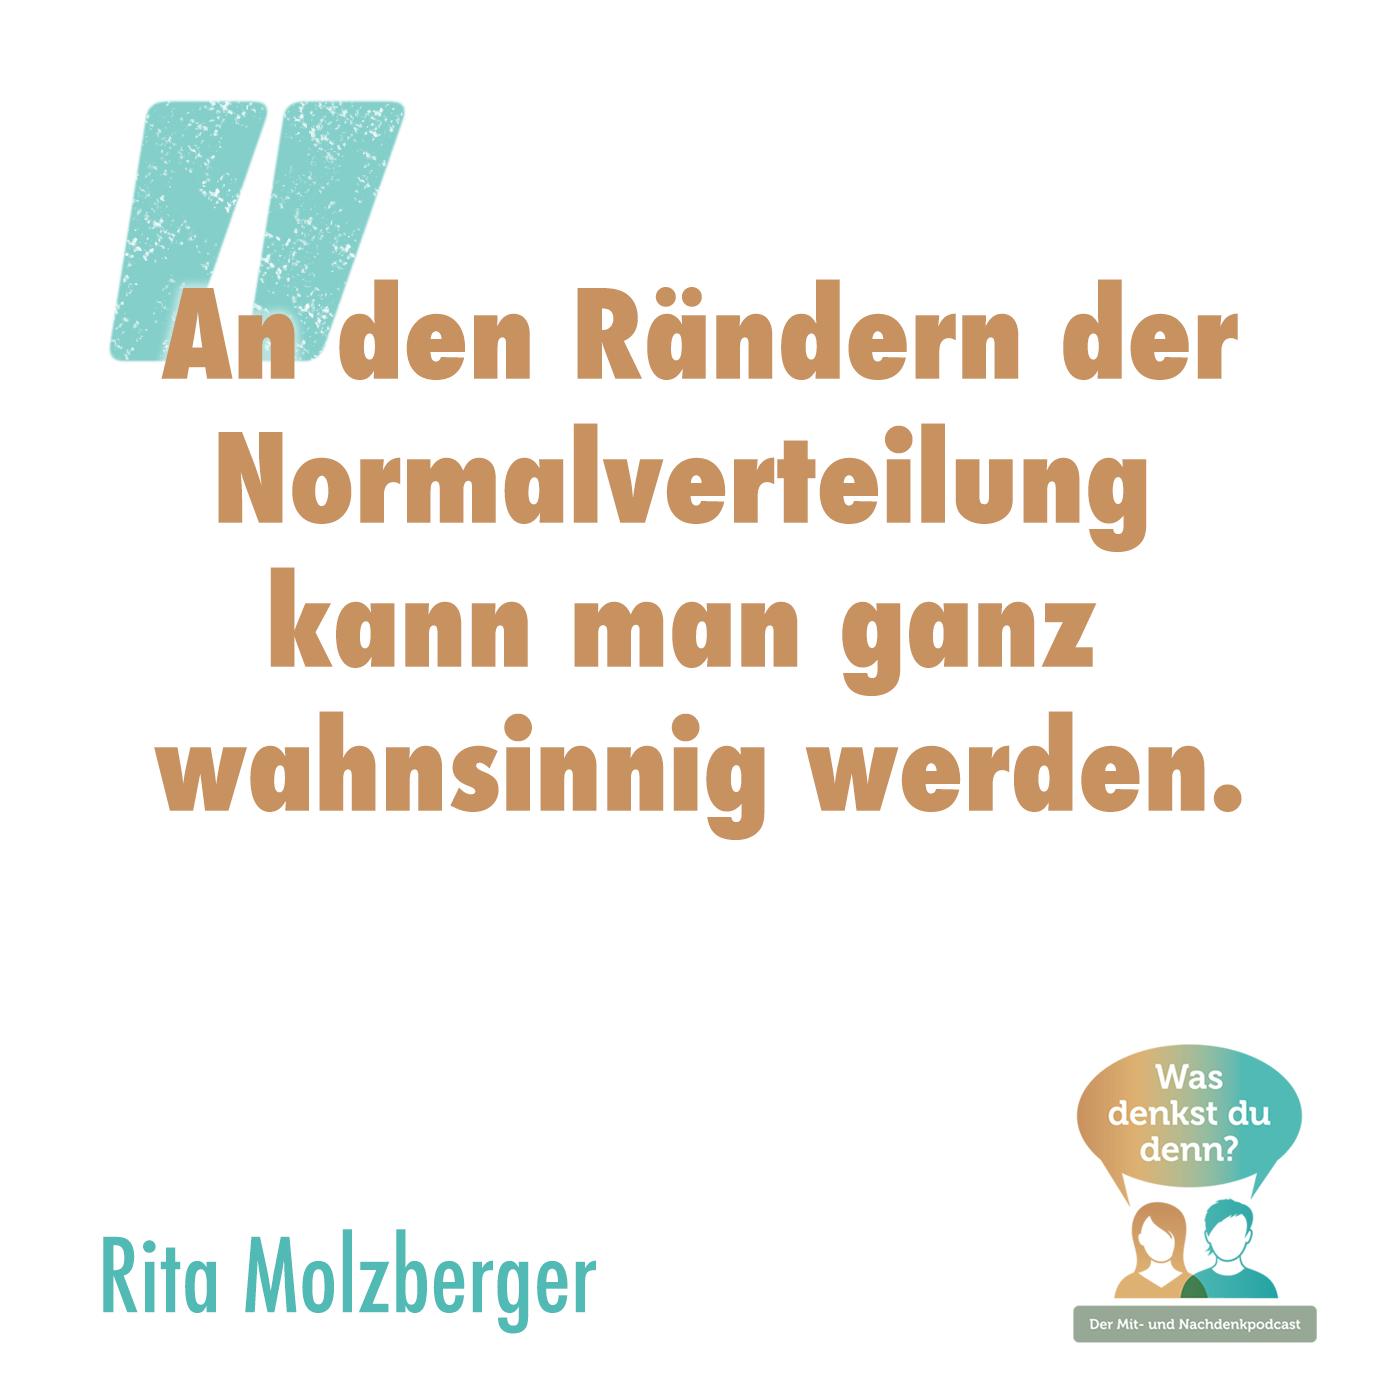 """""""An den Rändern der Normalverteilung kann man ganz wahnsinnig werden."""" - Zitat von Rita Molzberger"""